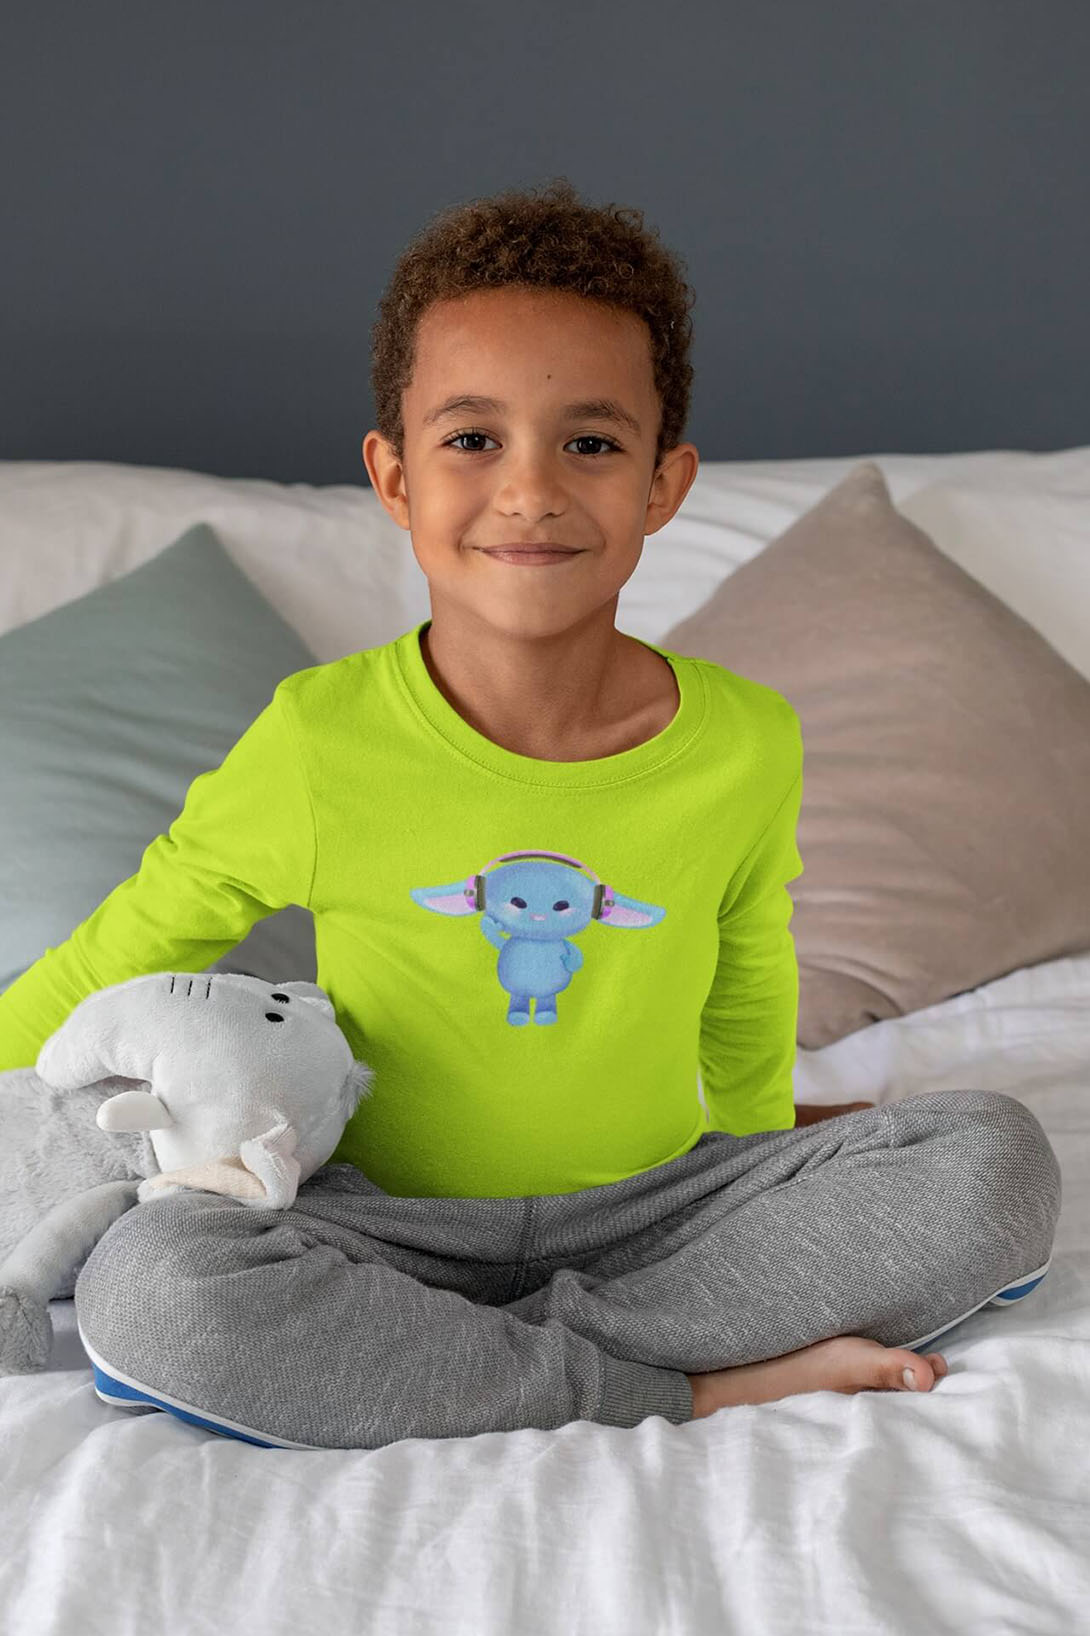 MMO Detské tričko s dlhým rukávom Zajac so slúchadlami Vyberte farbu:: Limetková, Detská veľkosť: 146/10 rokov